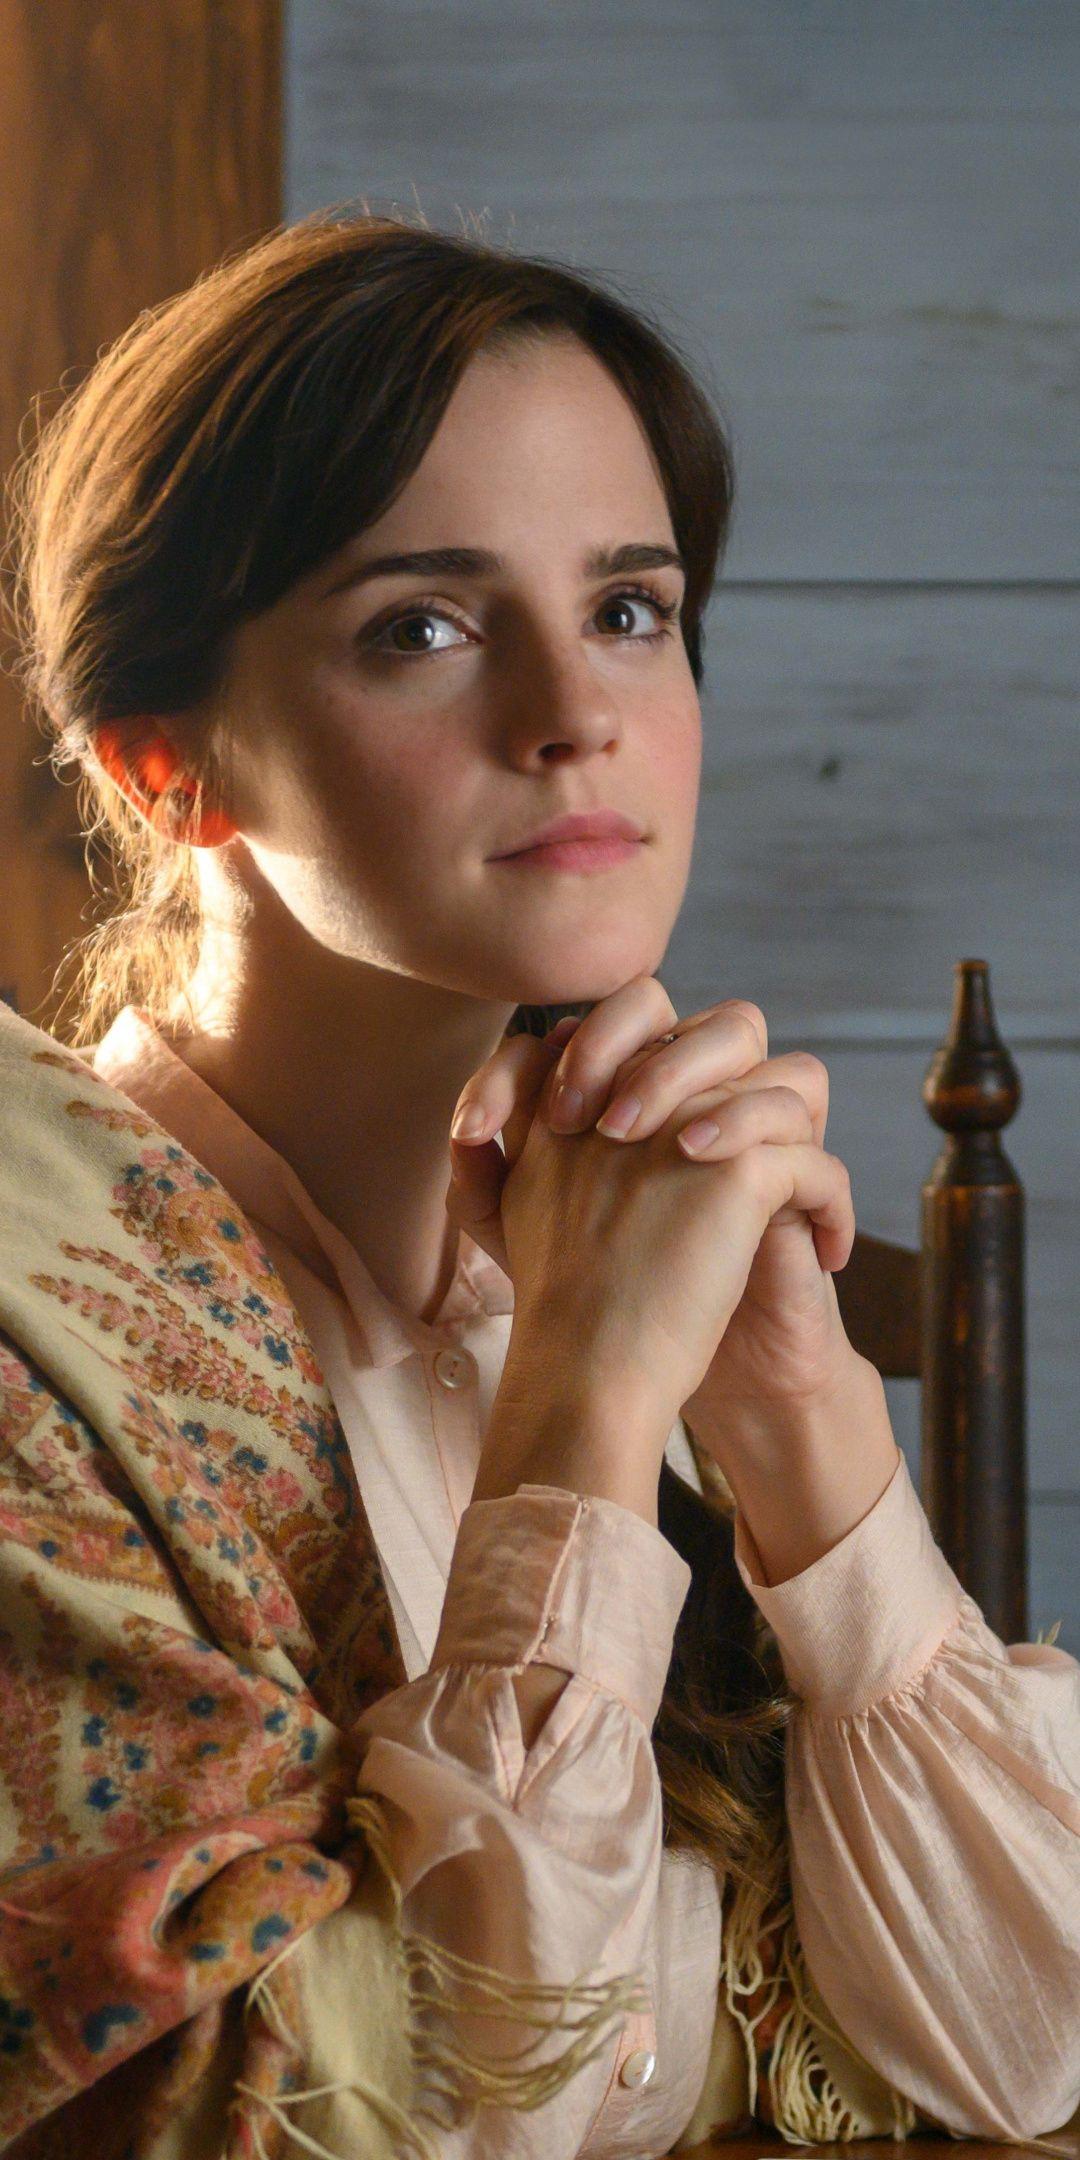 1080x2160 Emma Watson movie Little Women wallpaper Emma watson 1080x2160